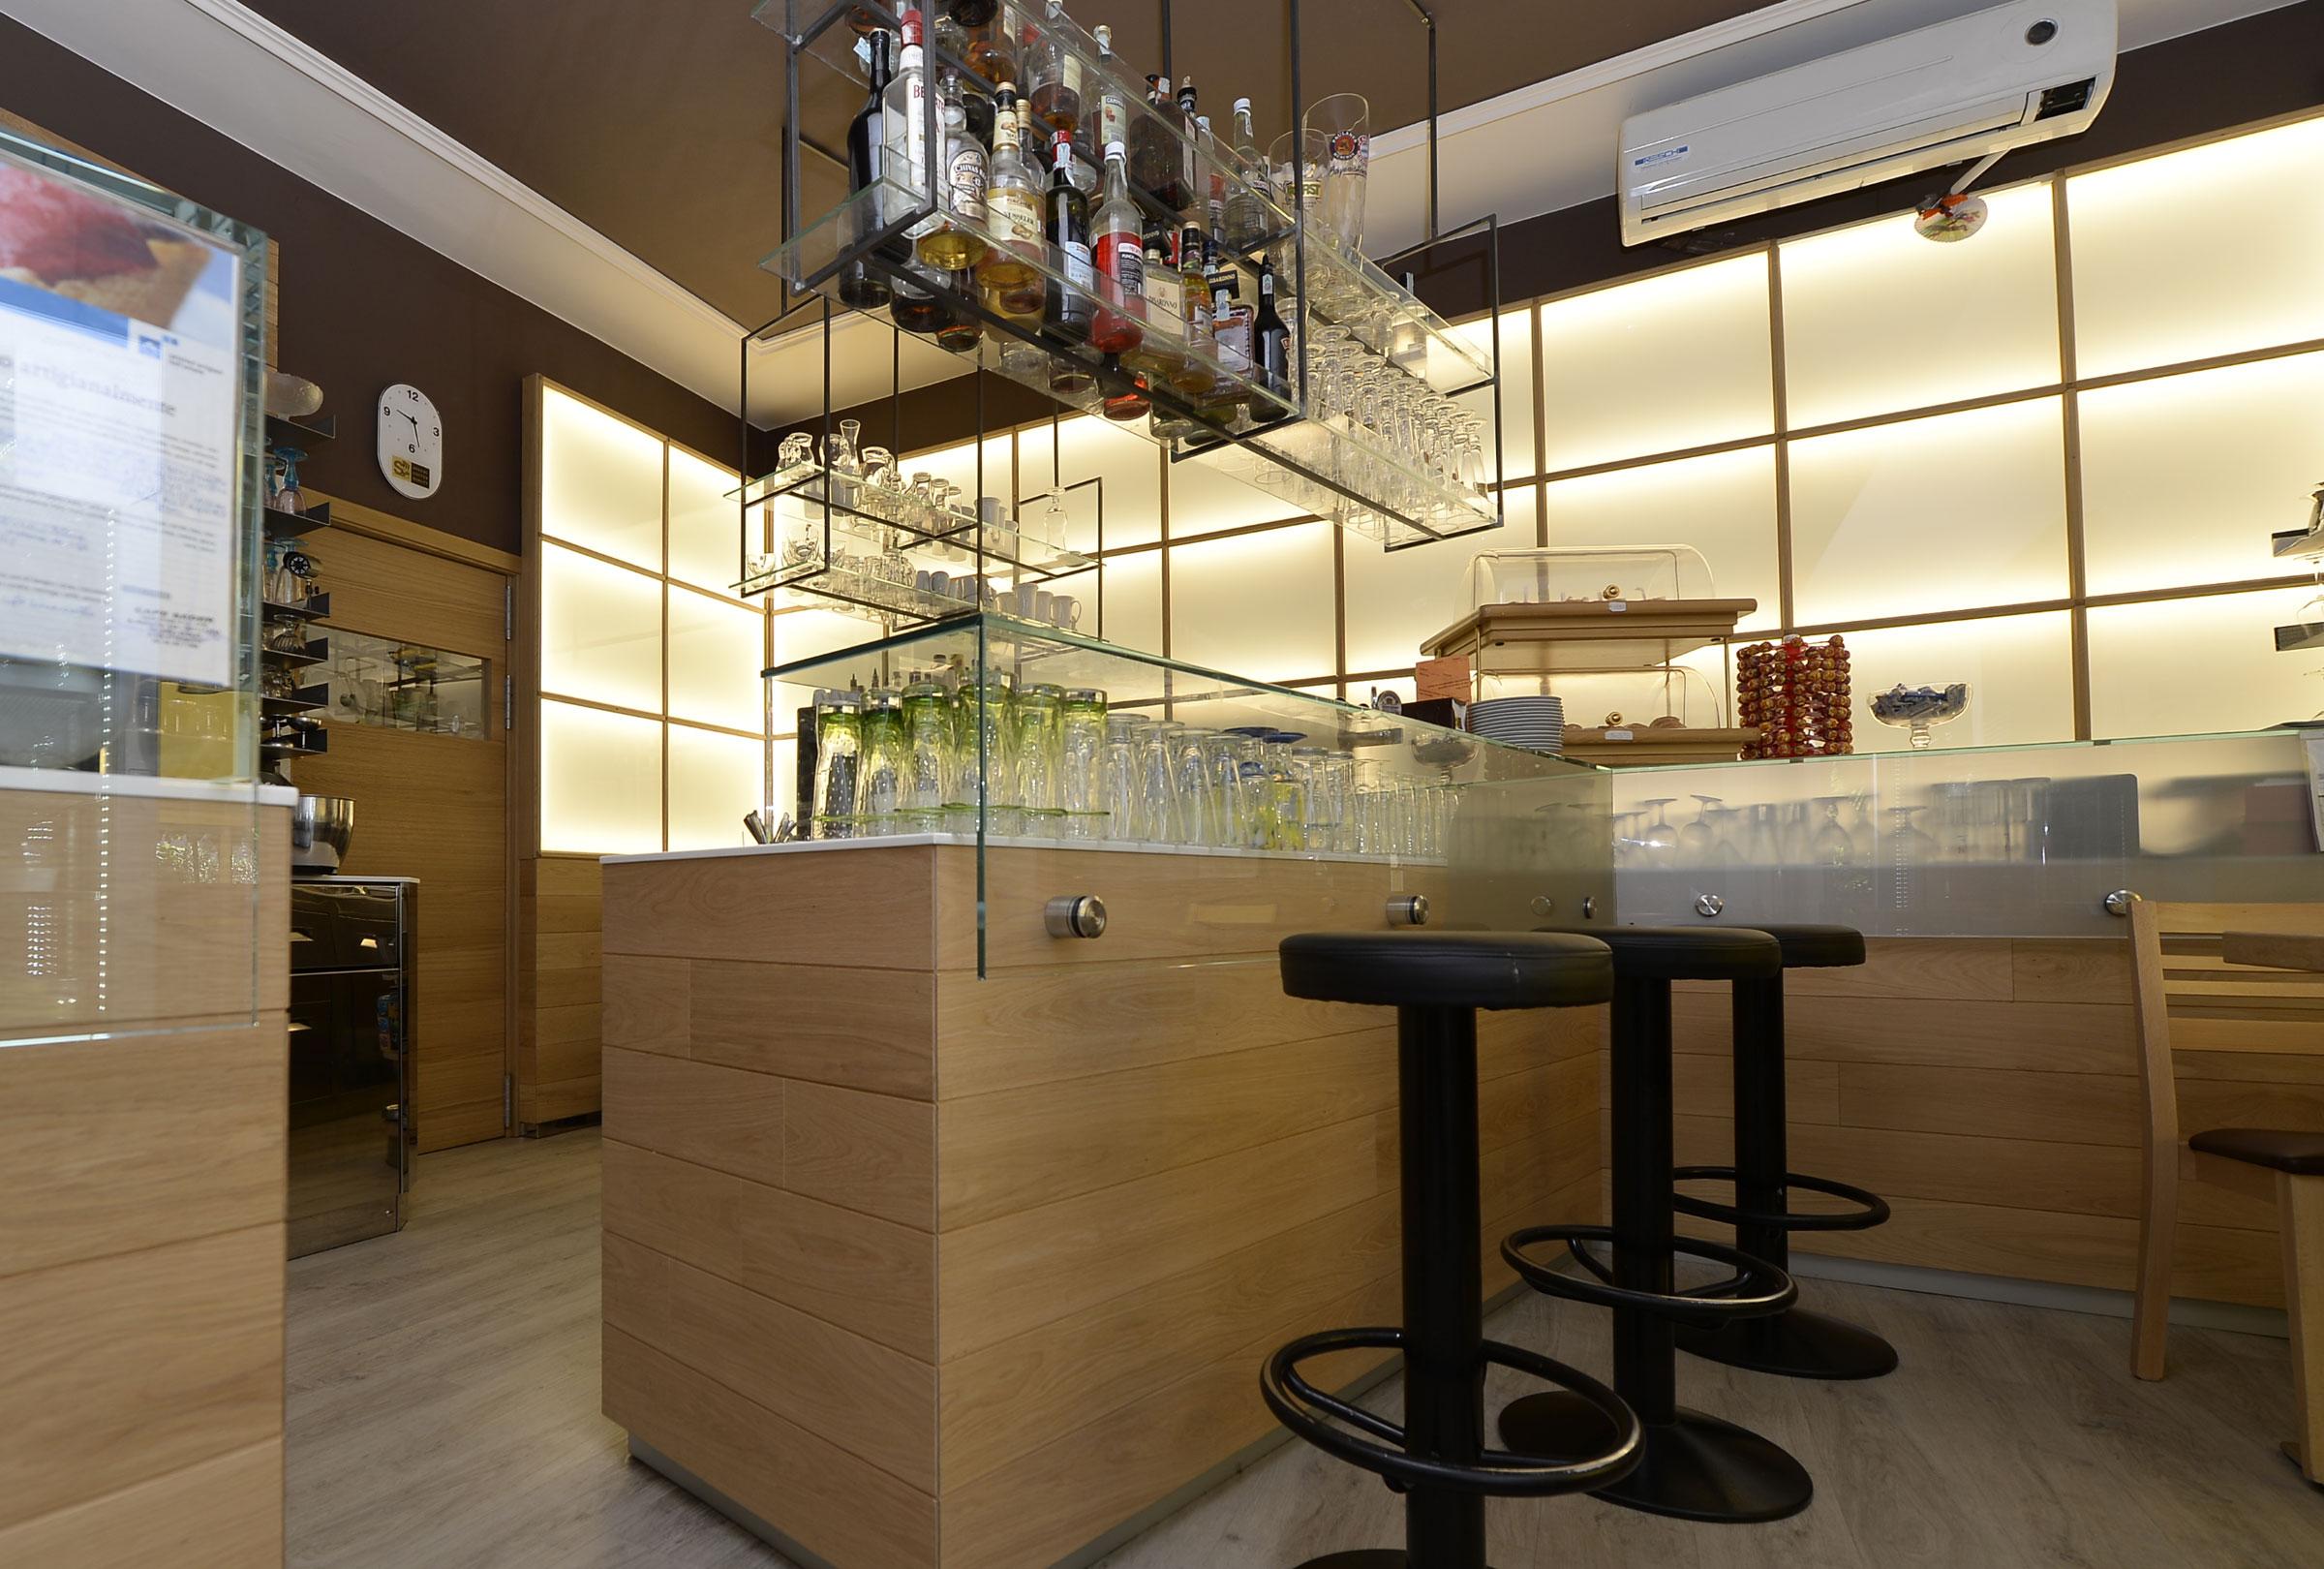 Arredamento gelateria u2013 caffetteria u201csaderu201d lana bz